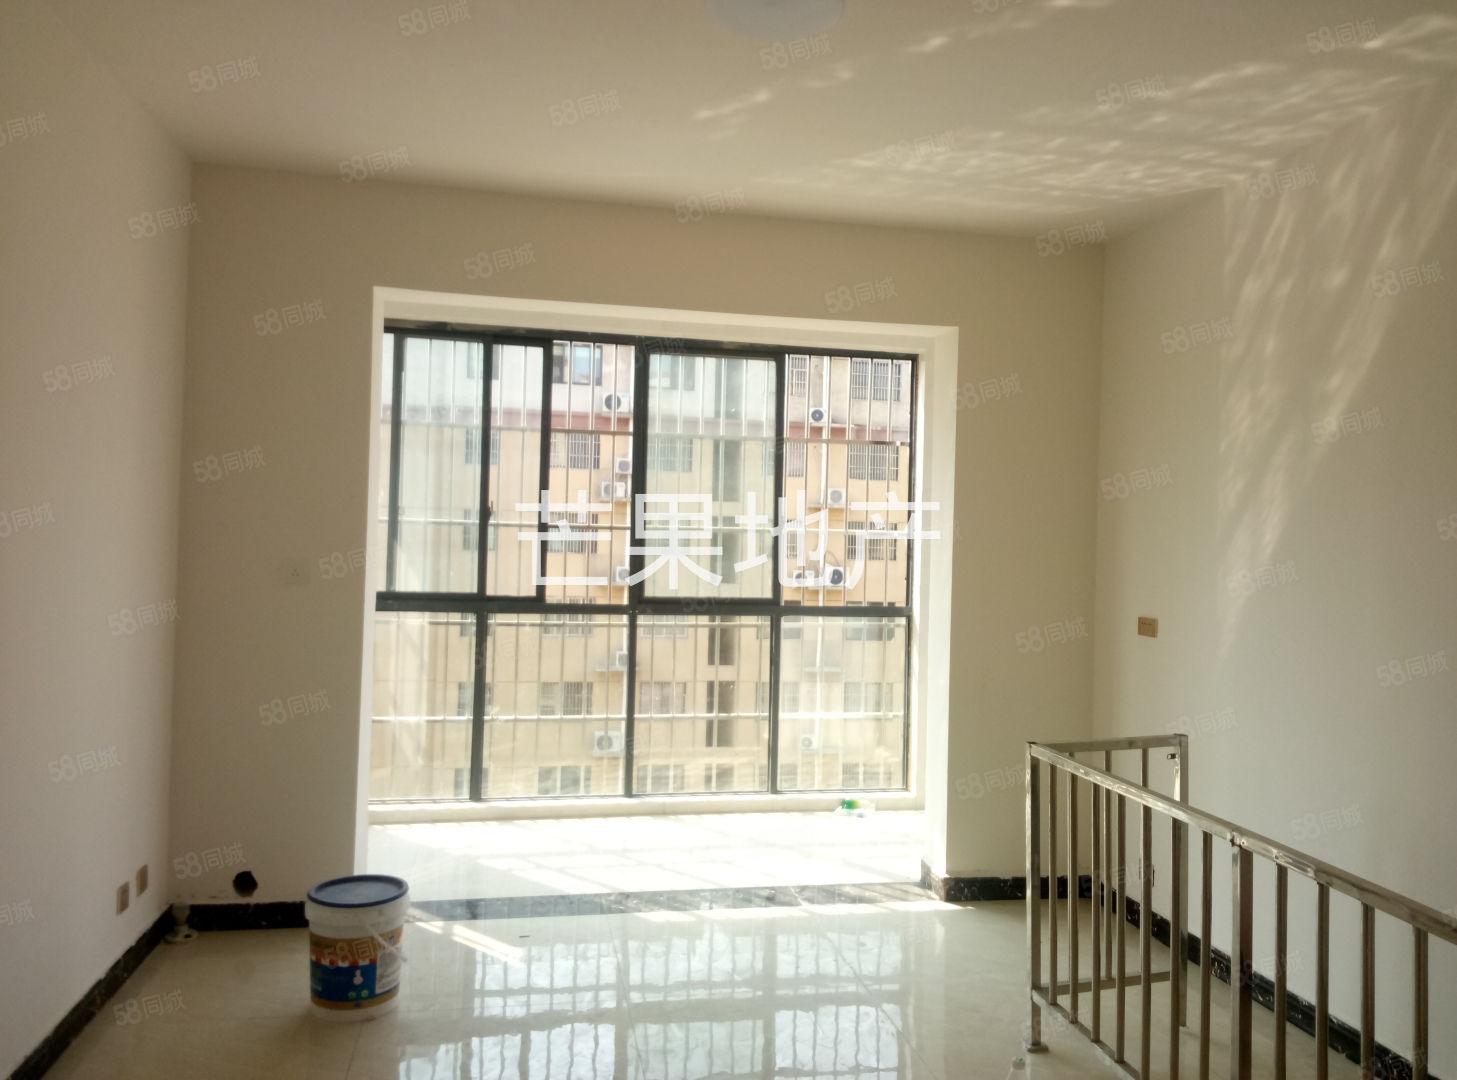 聚福小区两居室刚装修电梯房随时入住有钥匙看房方便